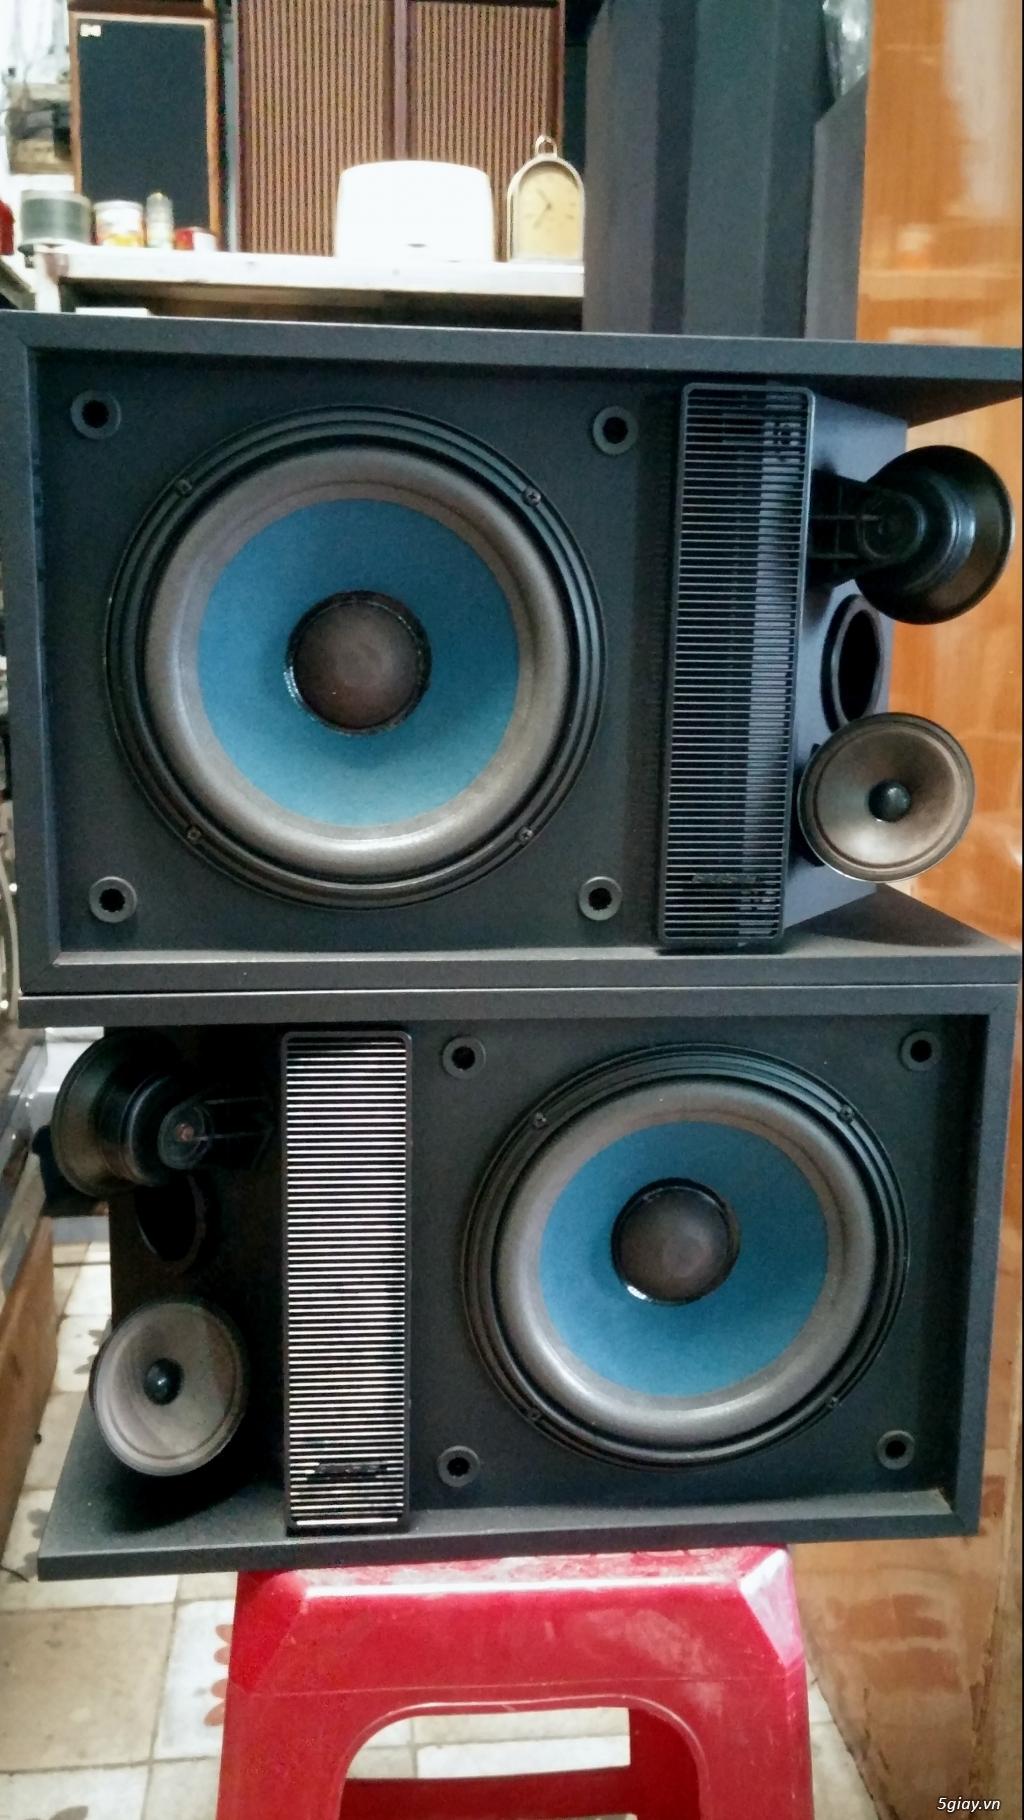 Hung Audio (Amply-Cdp-Loa-Karaoke,Hàng Bãi,Cập Nhật Liên Tục). - 27